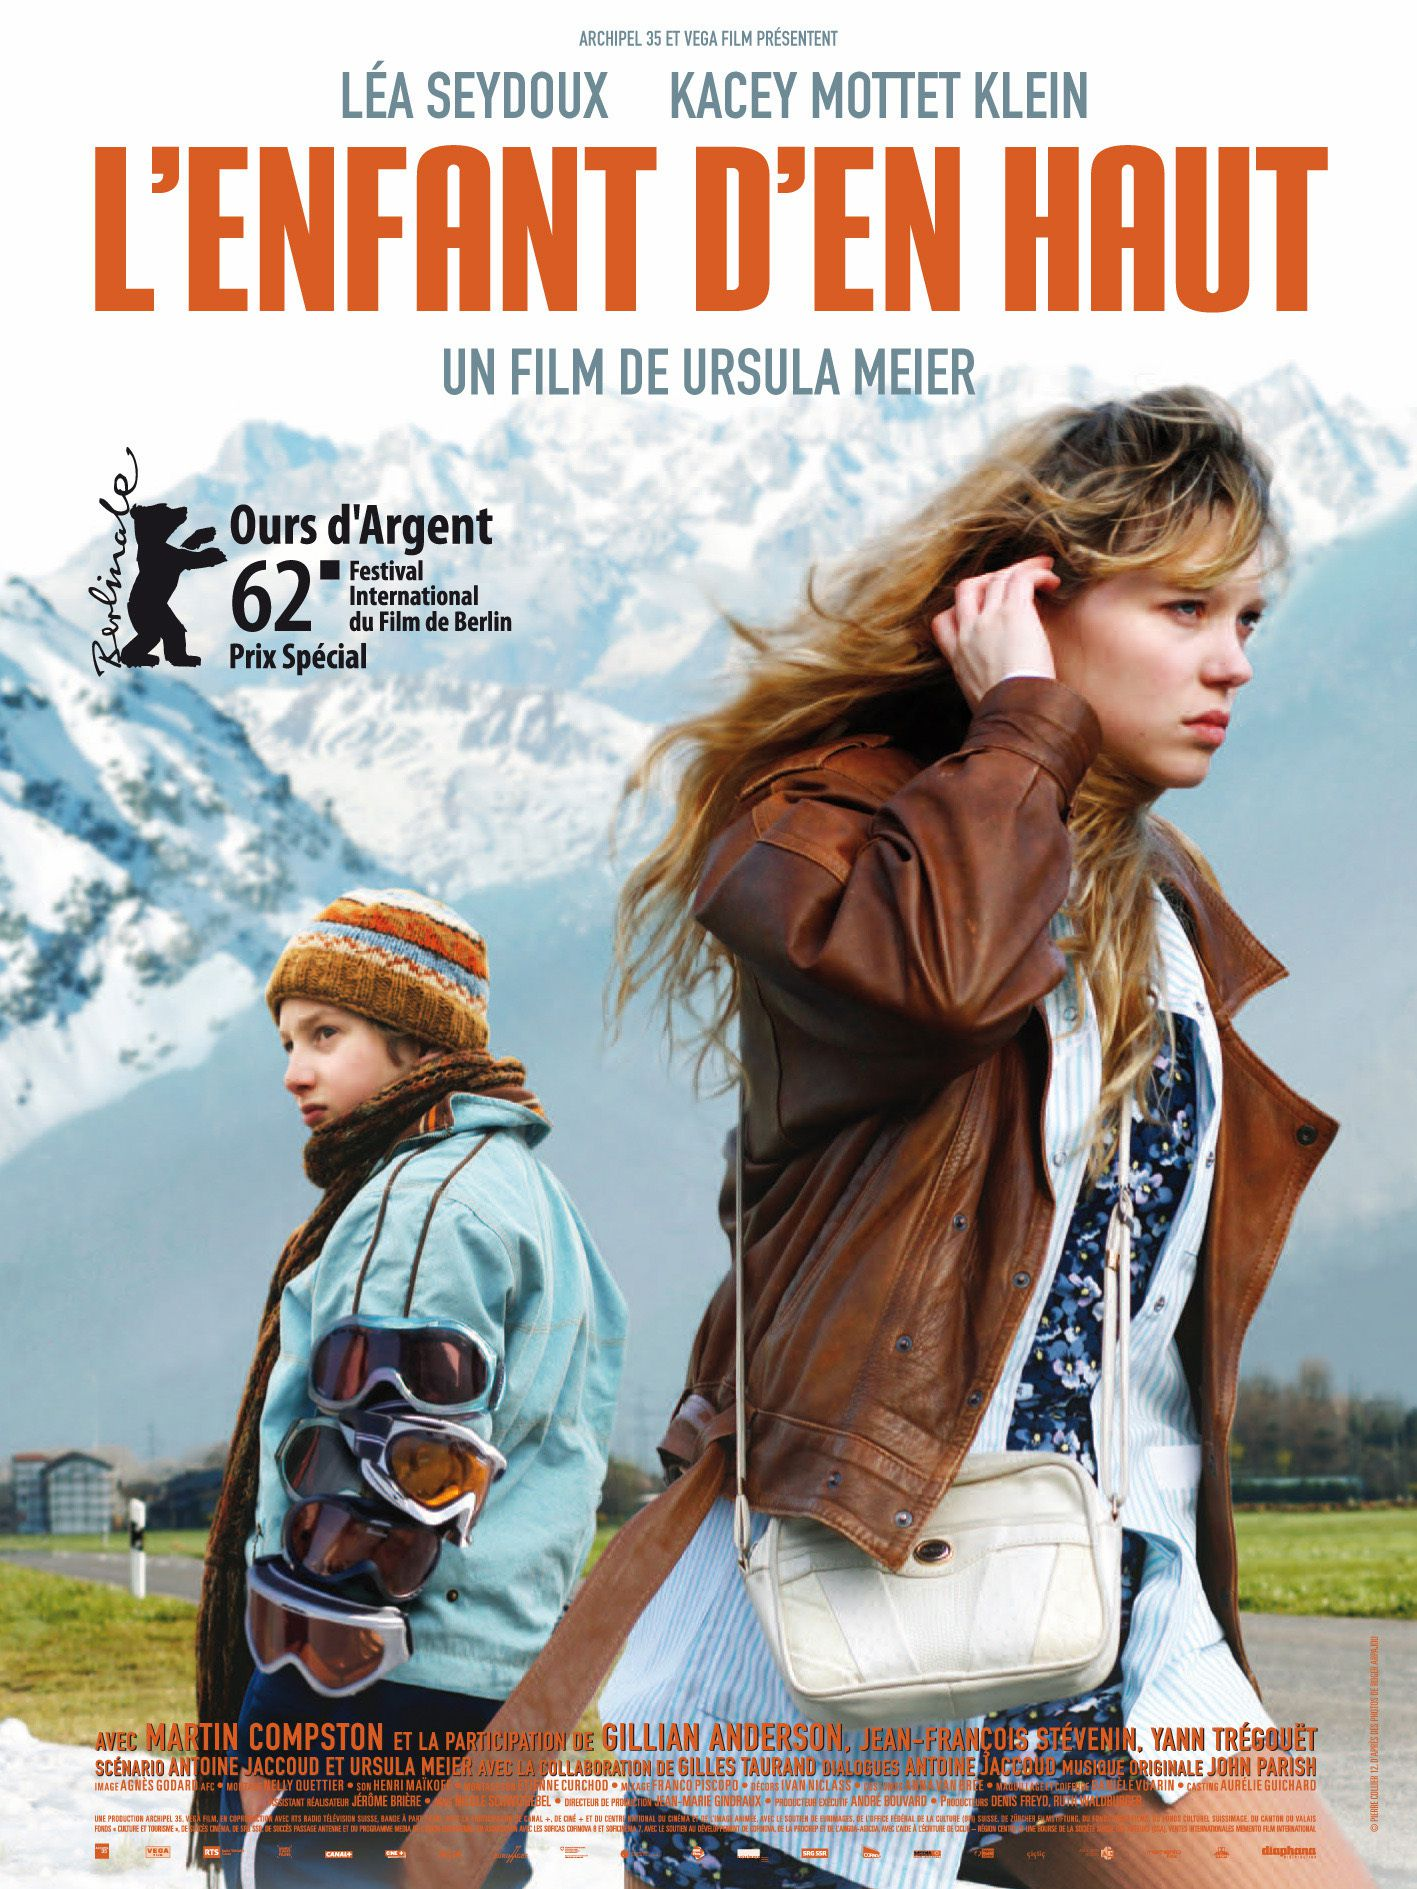 L'Enfant d'en haut - Film (2012)